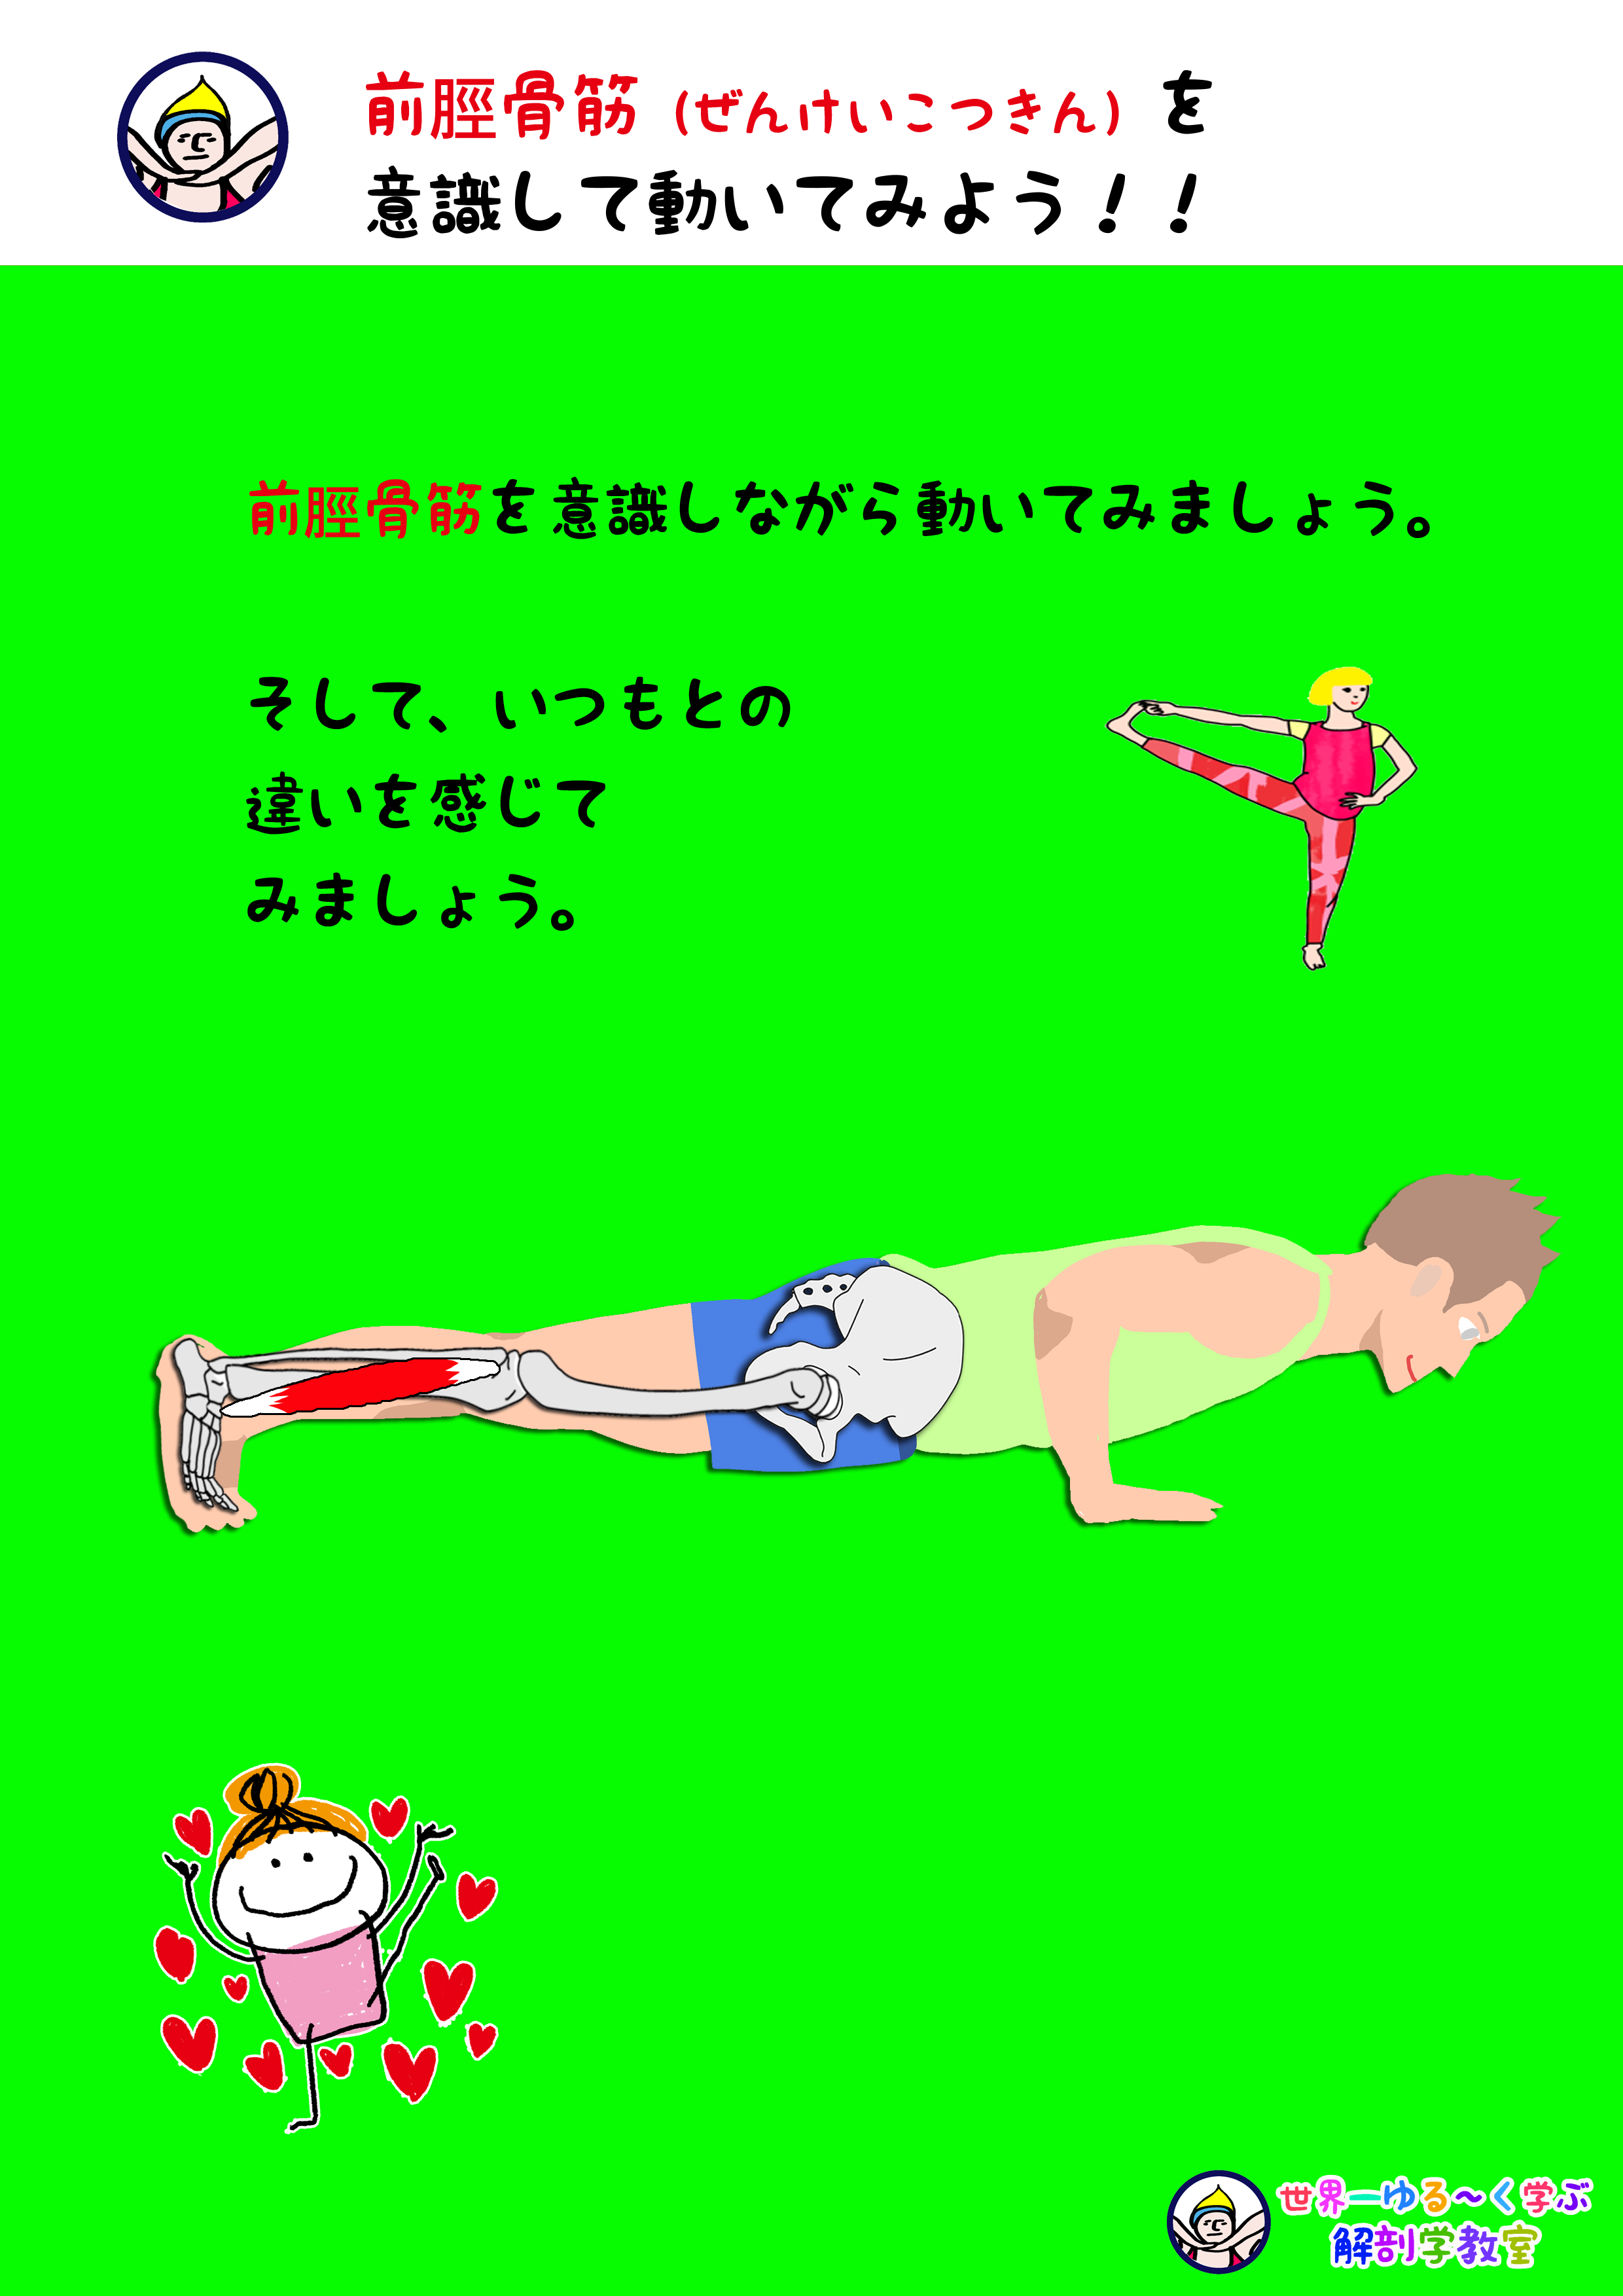 前脛骨筋を意識する